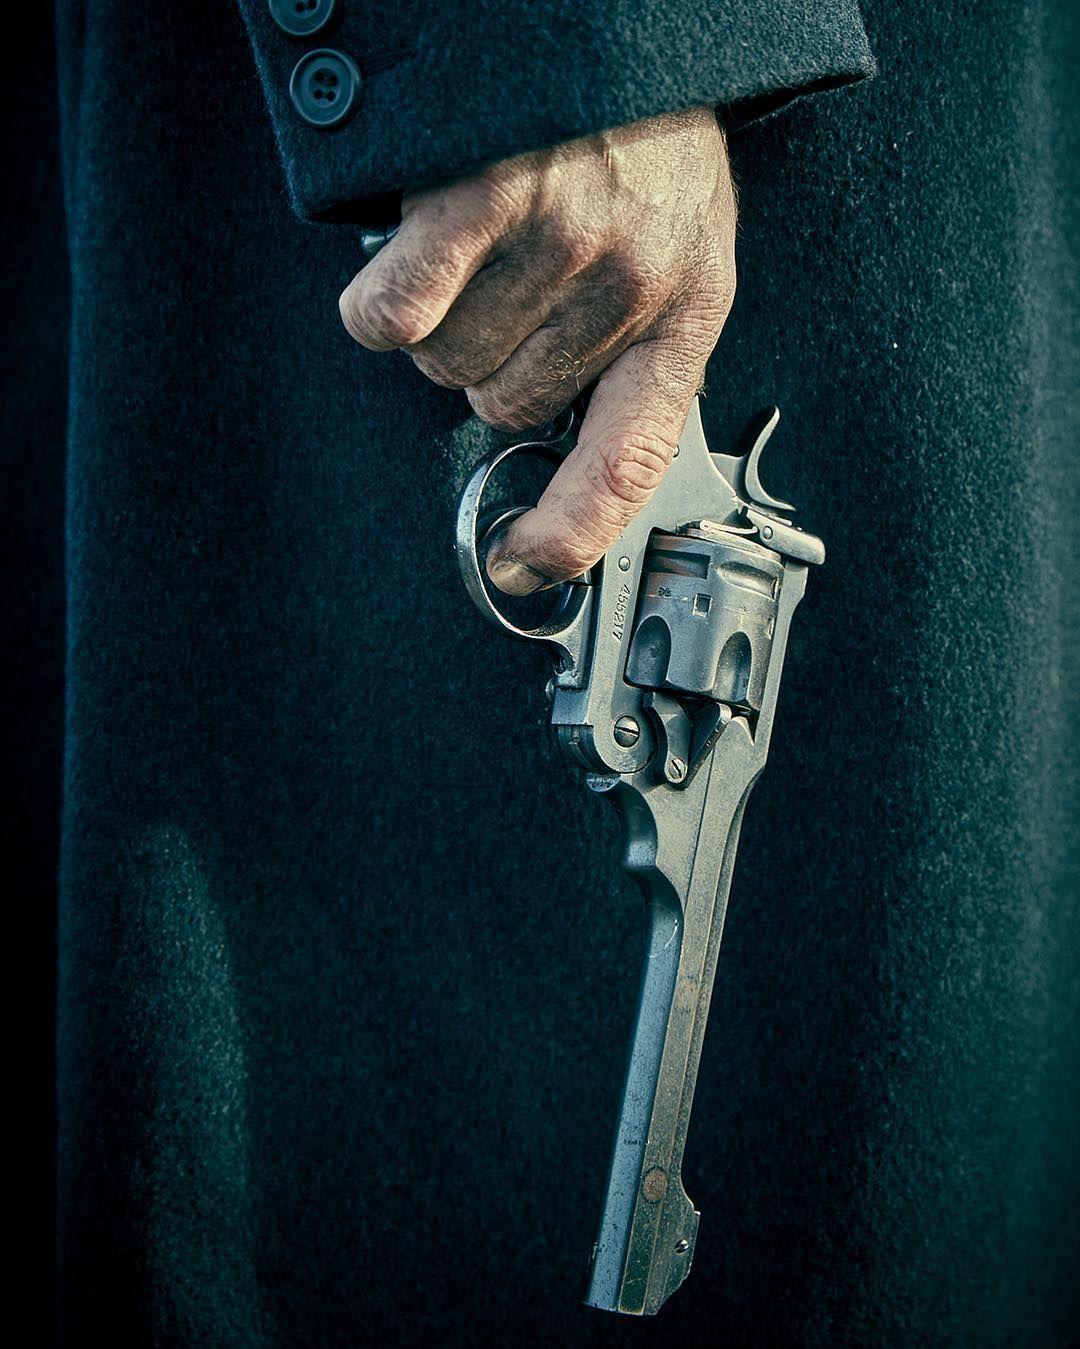 простояла картинки револьвер в руках вам вот такой